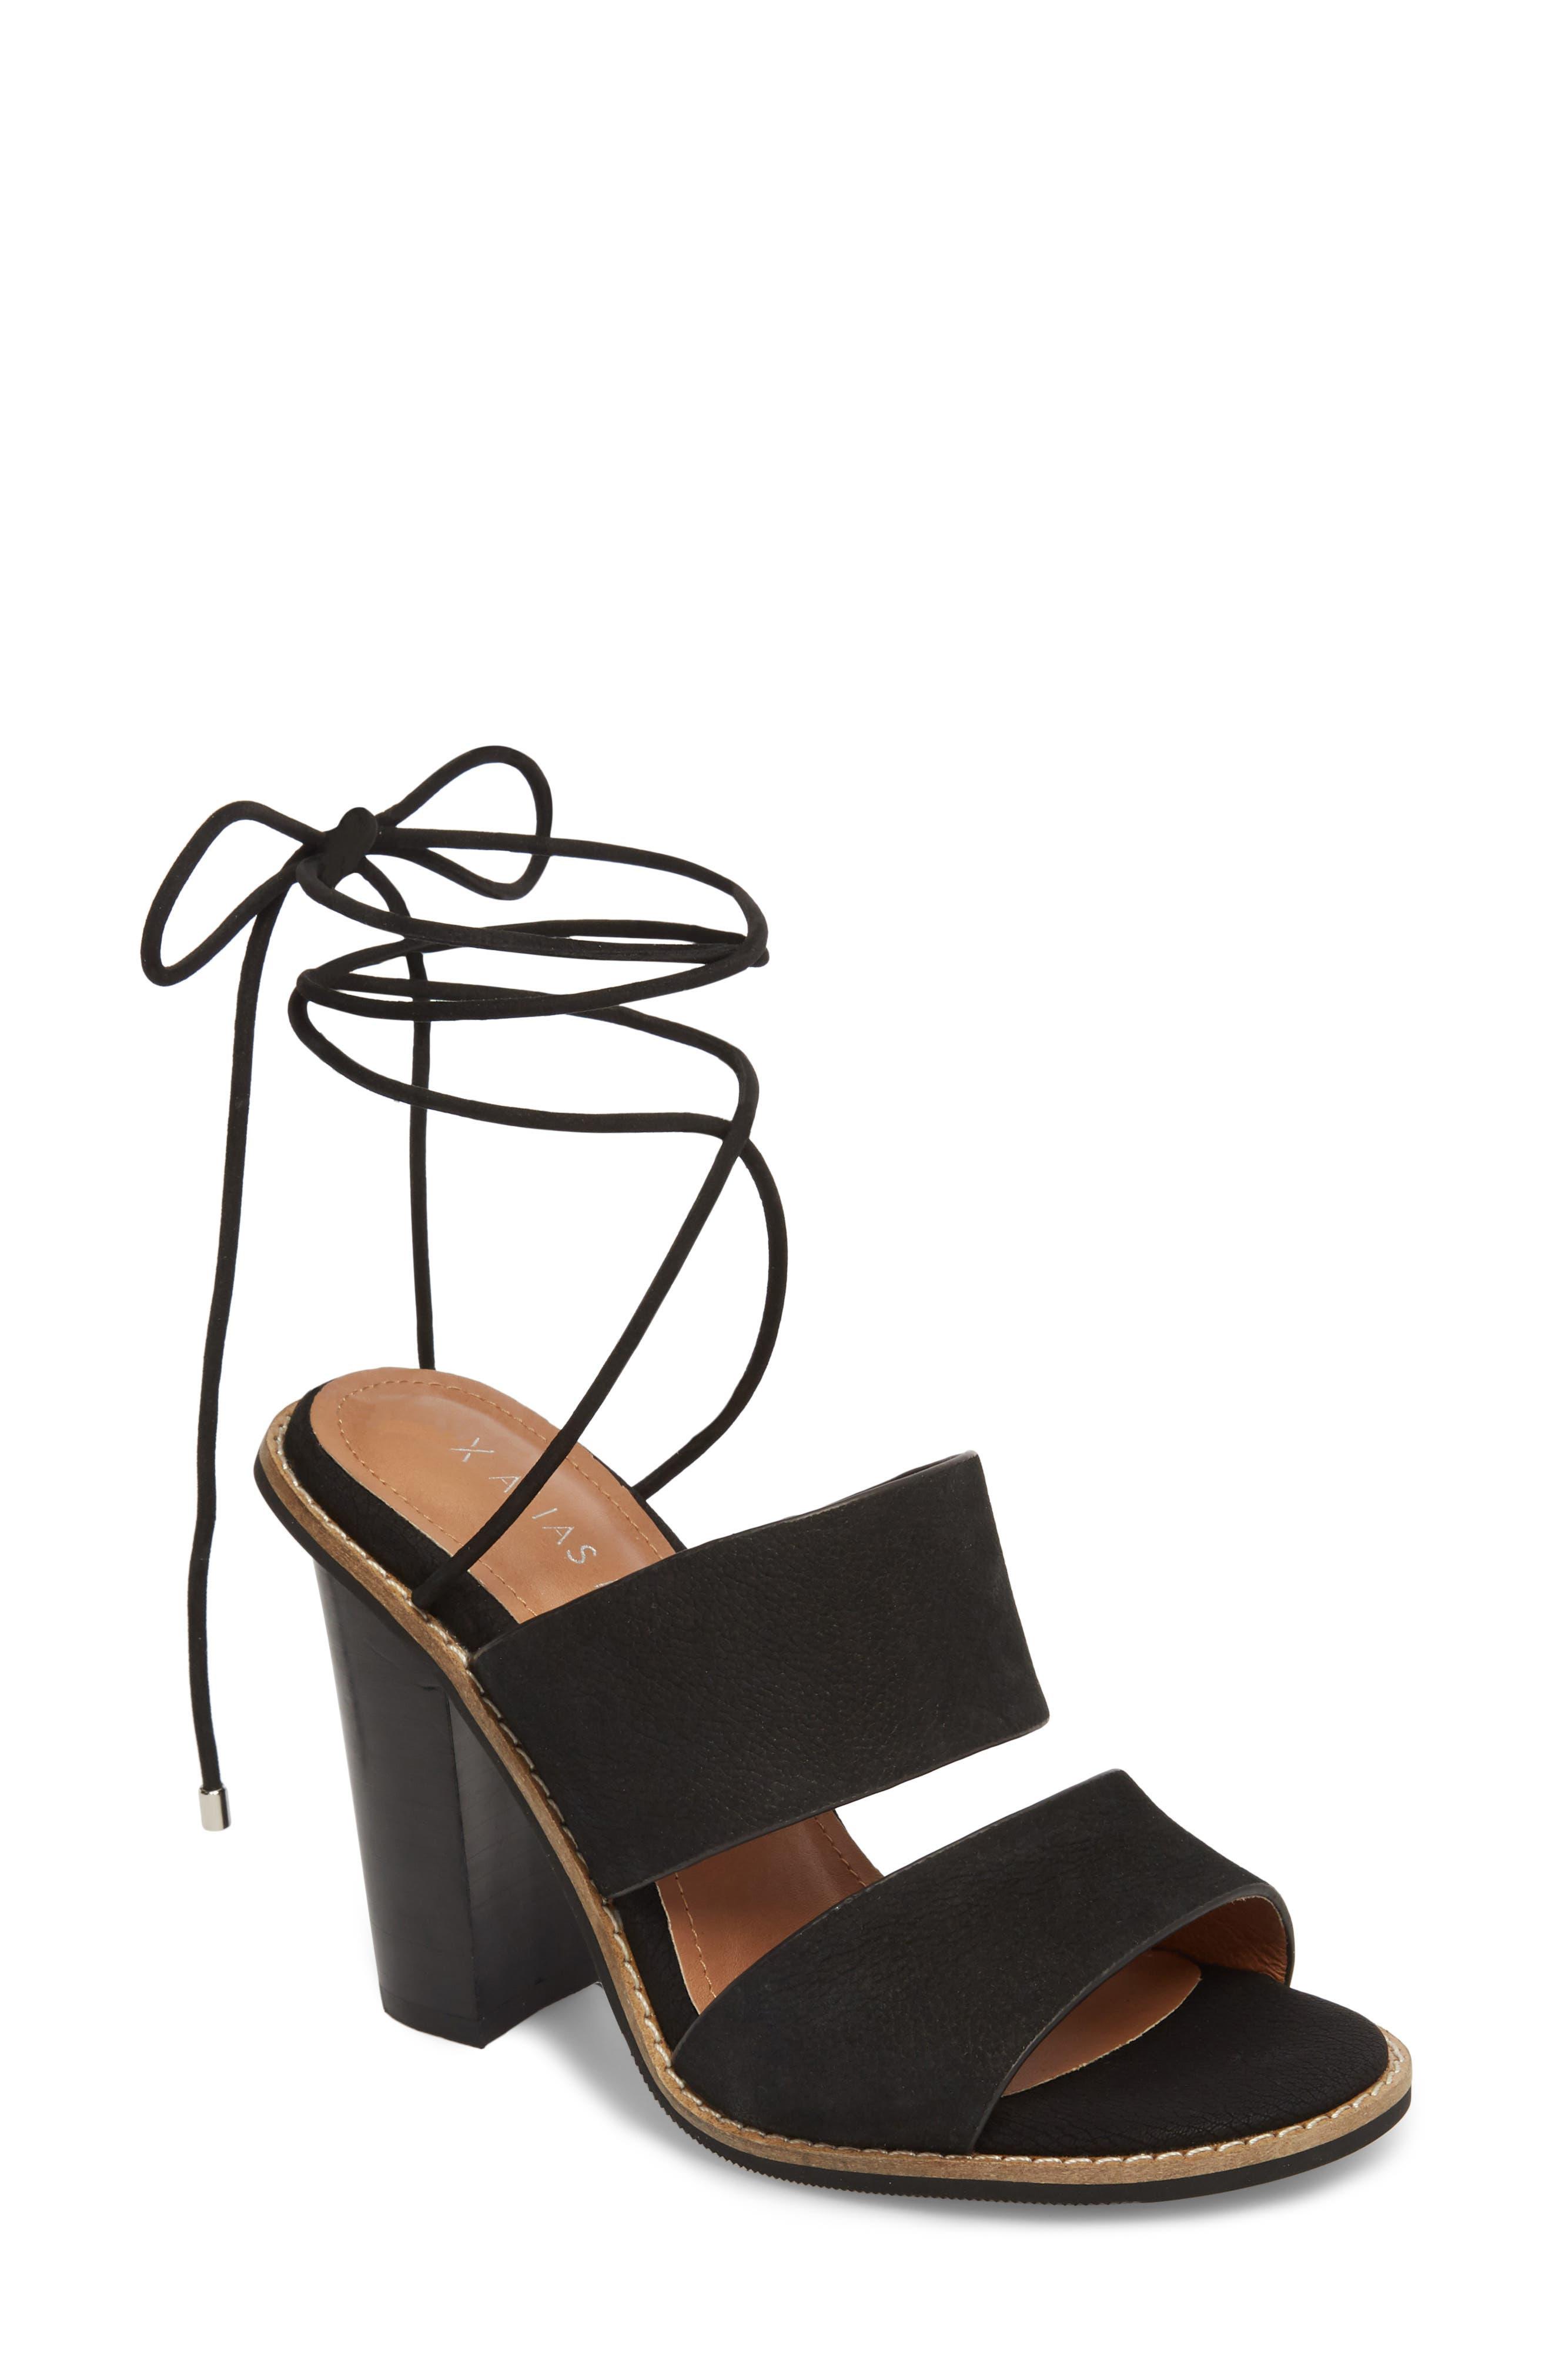 Cabrilla Sandal,                         Main,                         color, 001